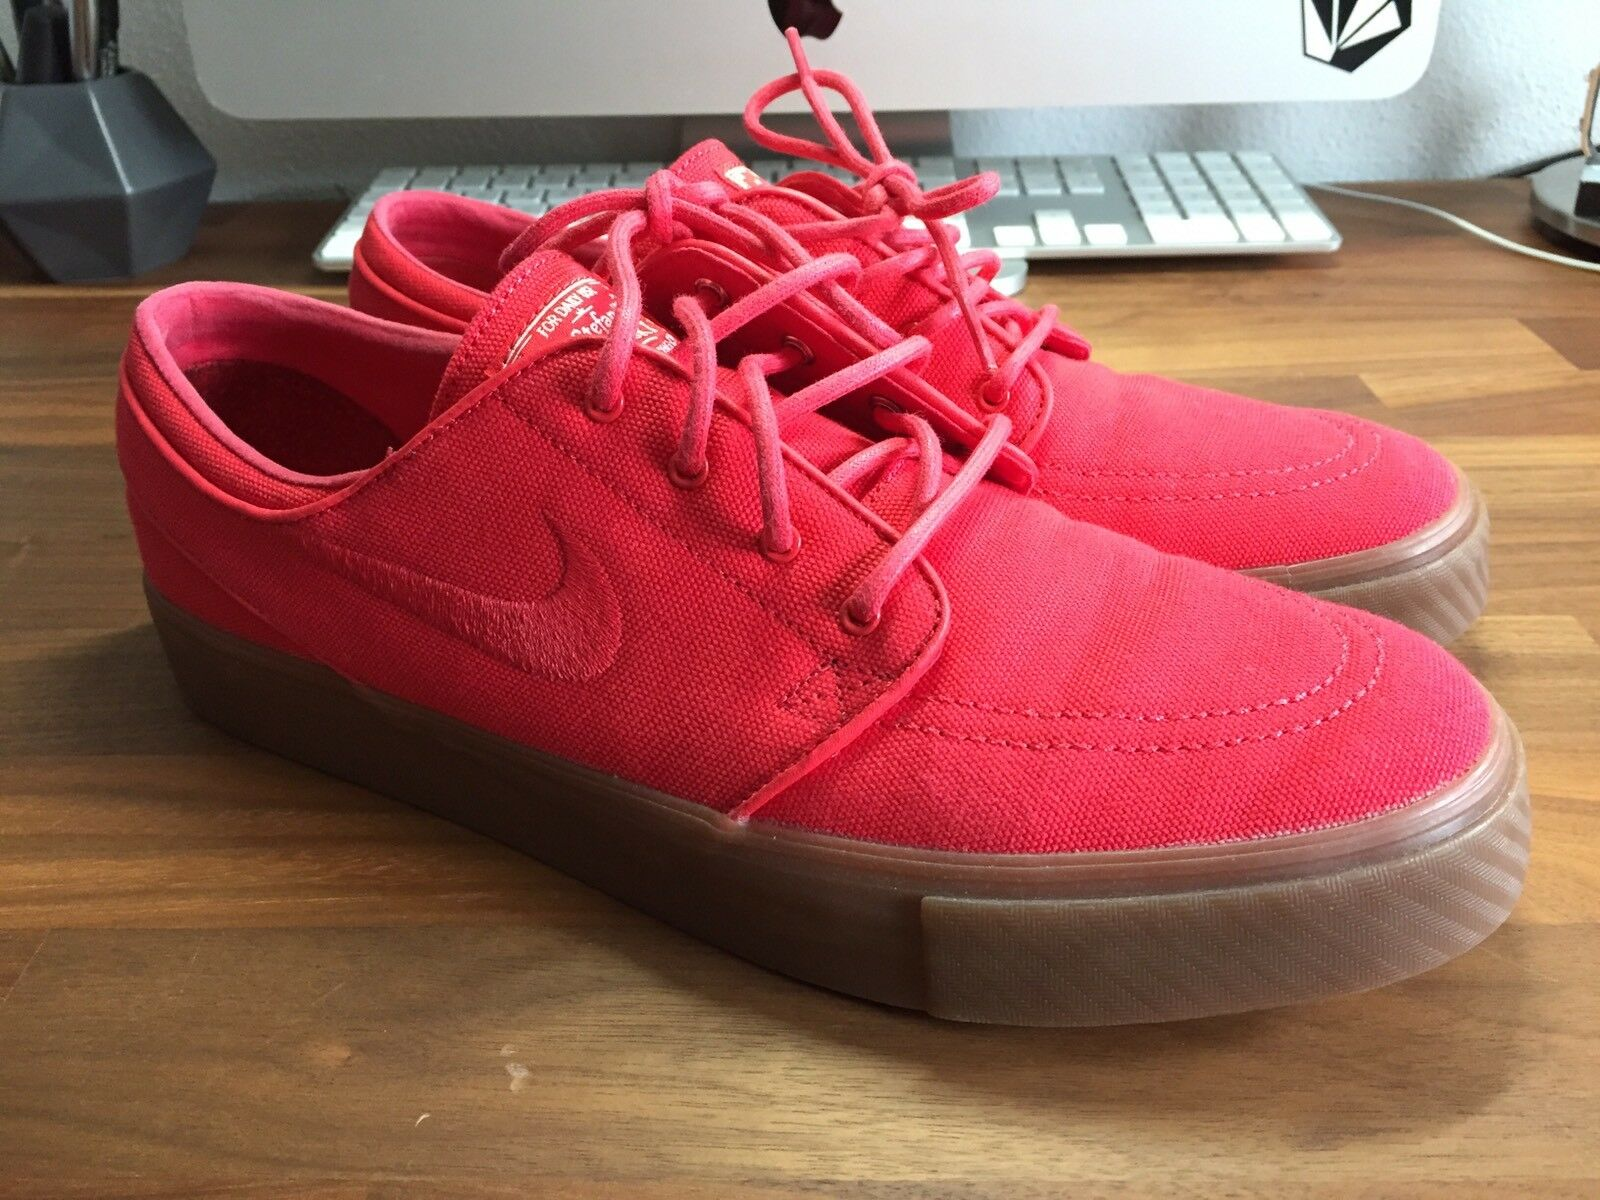 Nike Sb Janoski, Red Gum, Ungetragen Rot, 44, Neu Ungetragen Gum, 13173f